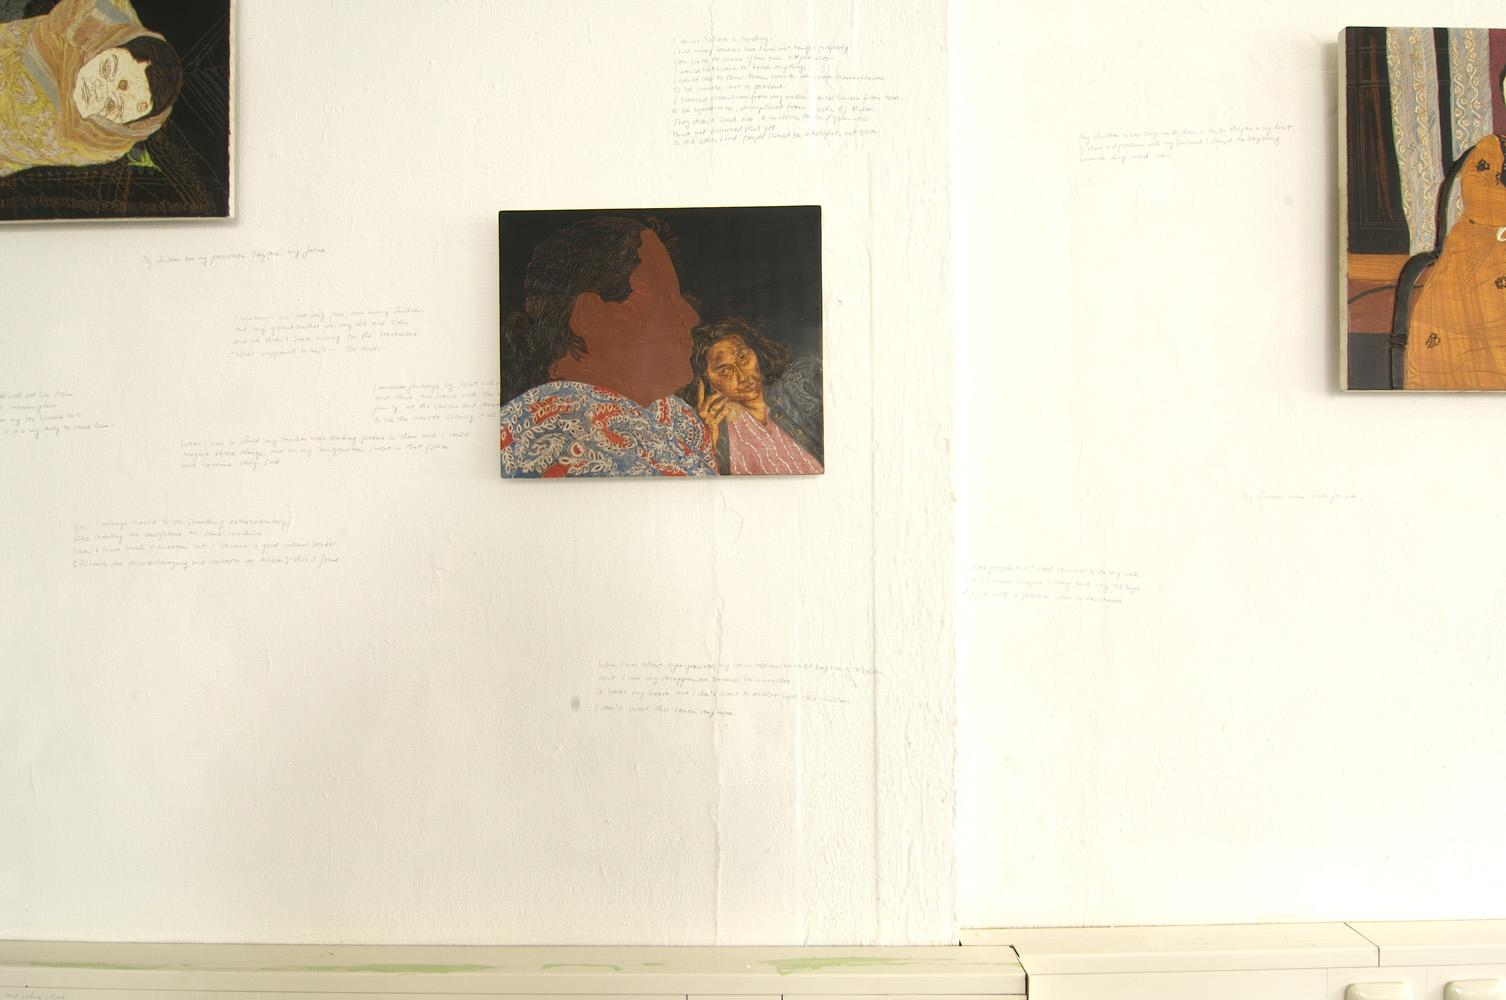 Lothringer 13, Städtische Kunsthalle der Stadt München, Projektraum 6